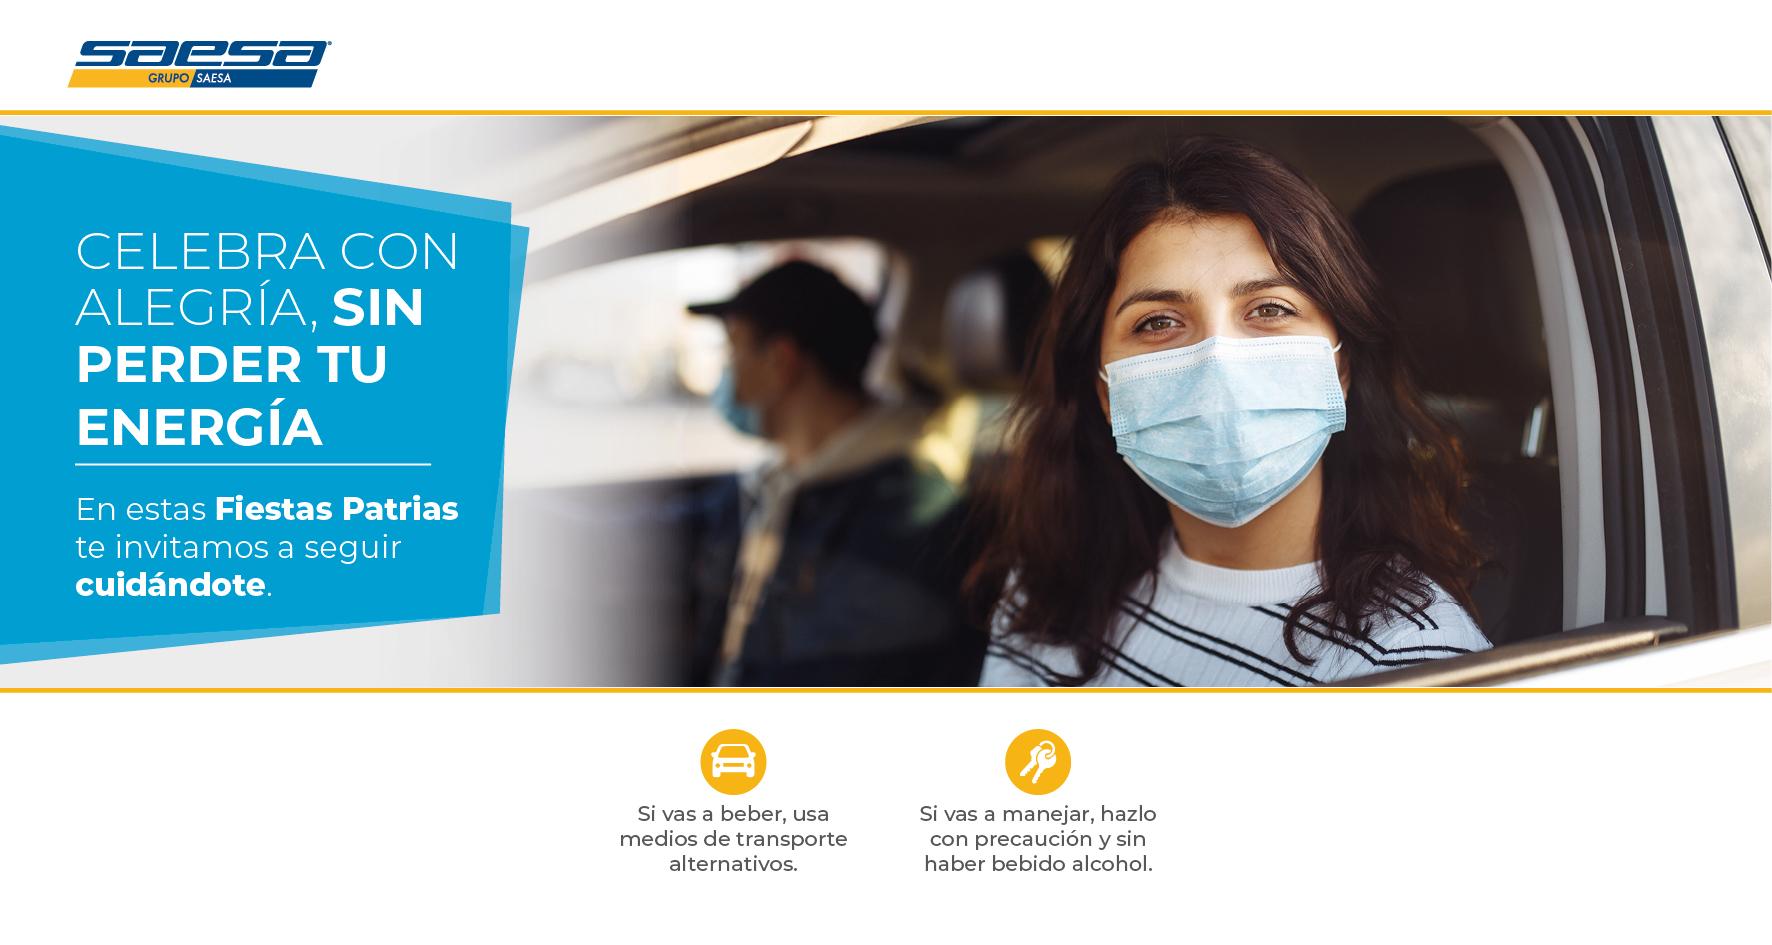 Prevención, autocuidado y refuerzos de turnos de personal en terreno y en el centro de control de distribución, son el foco de la campaña que desarrolla la empresa eléctrica para celebrar este 18.